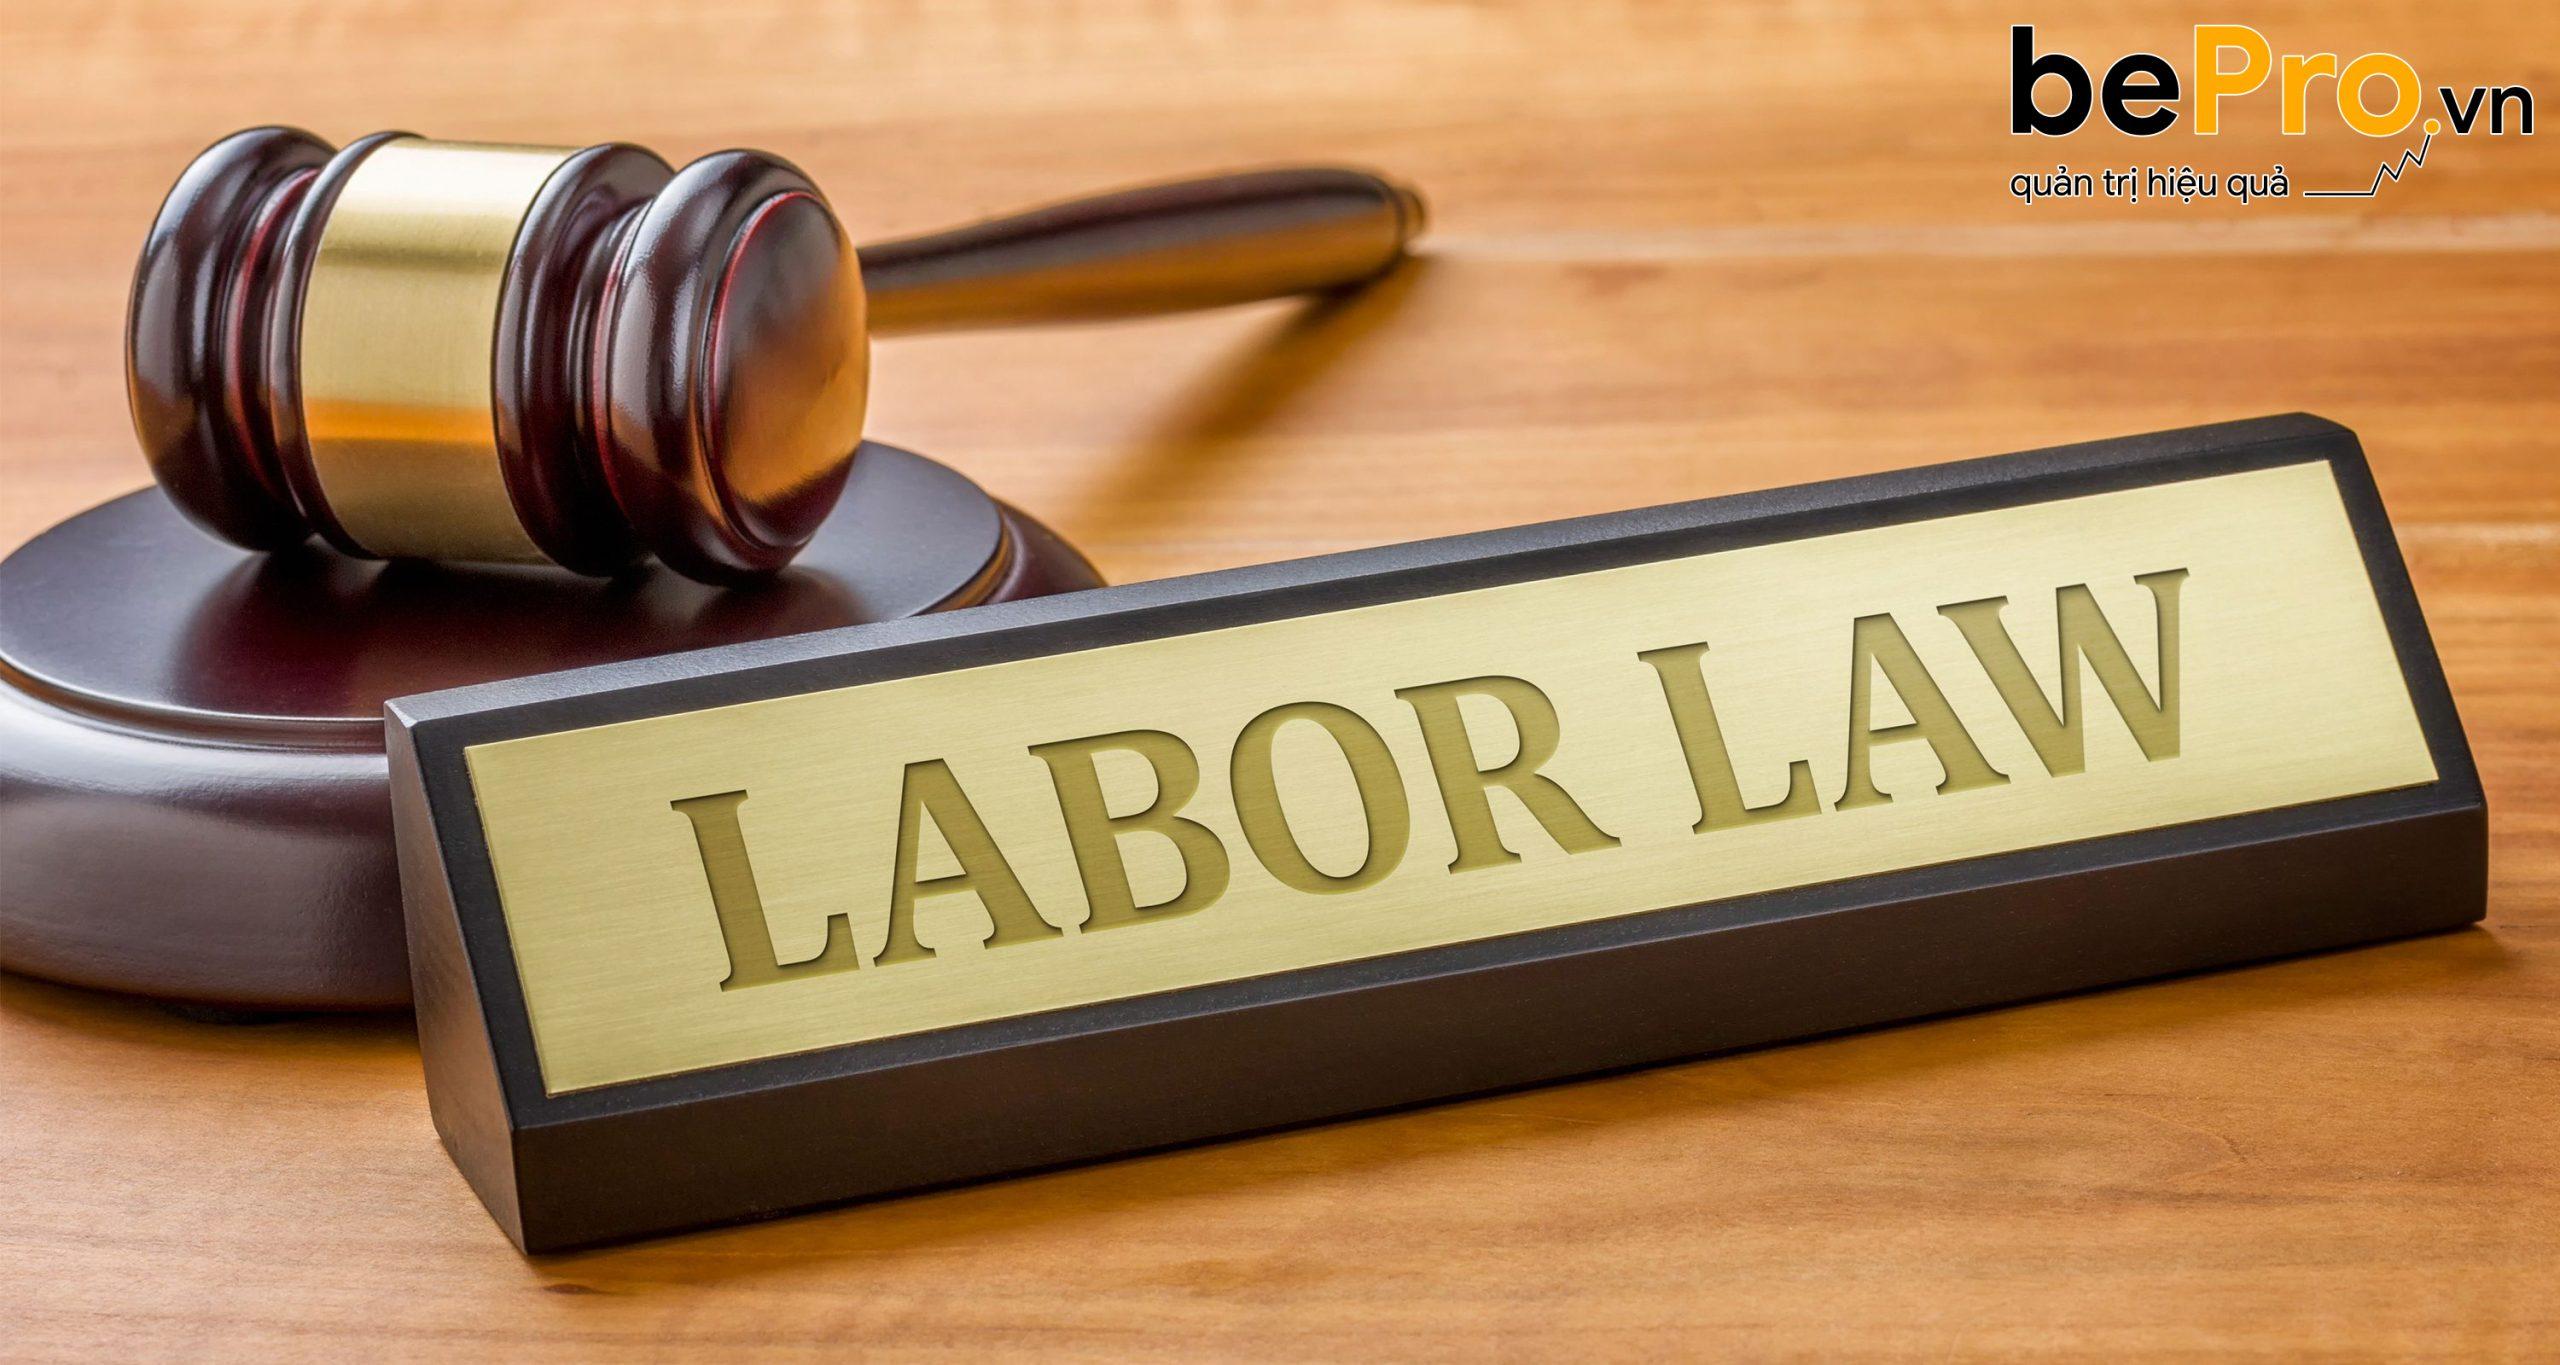 Nội quy lao động - Khái niệm và mẫu nội quy chuẩn